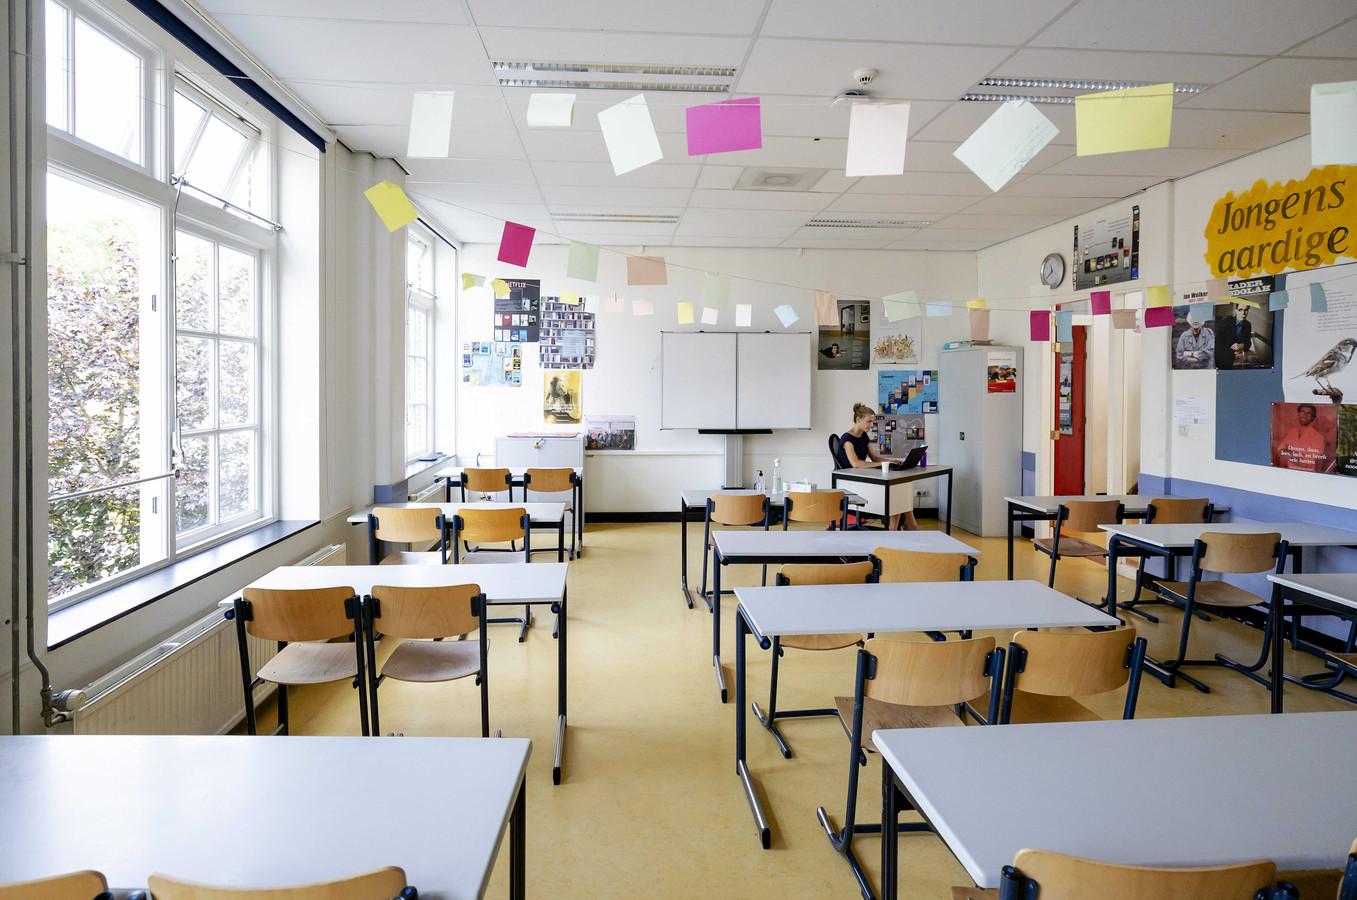 De VO-raad vindt het noodzakelijk dat leerlingen weer naar school mogen. Middelbare scholen zien veel problemen met het mentale welzijn van de scholieren.